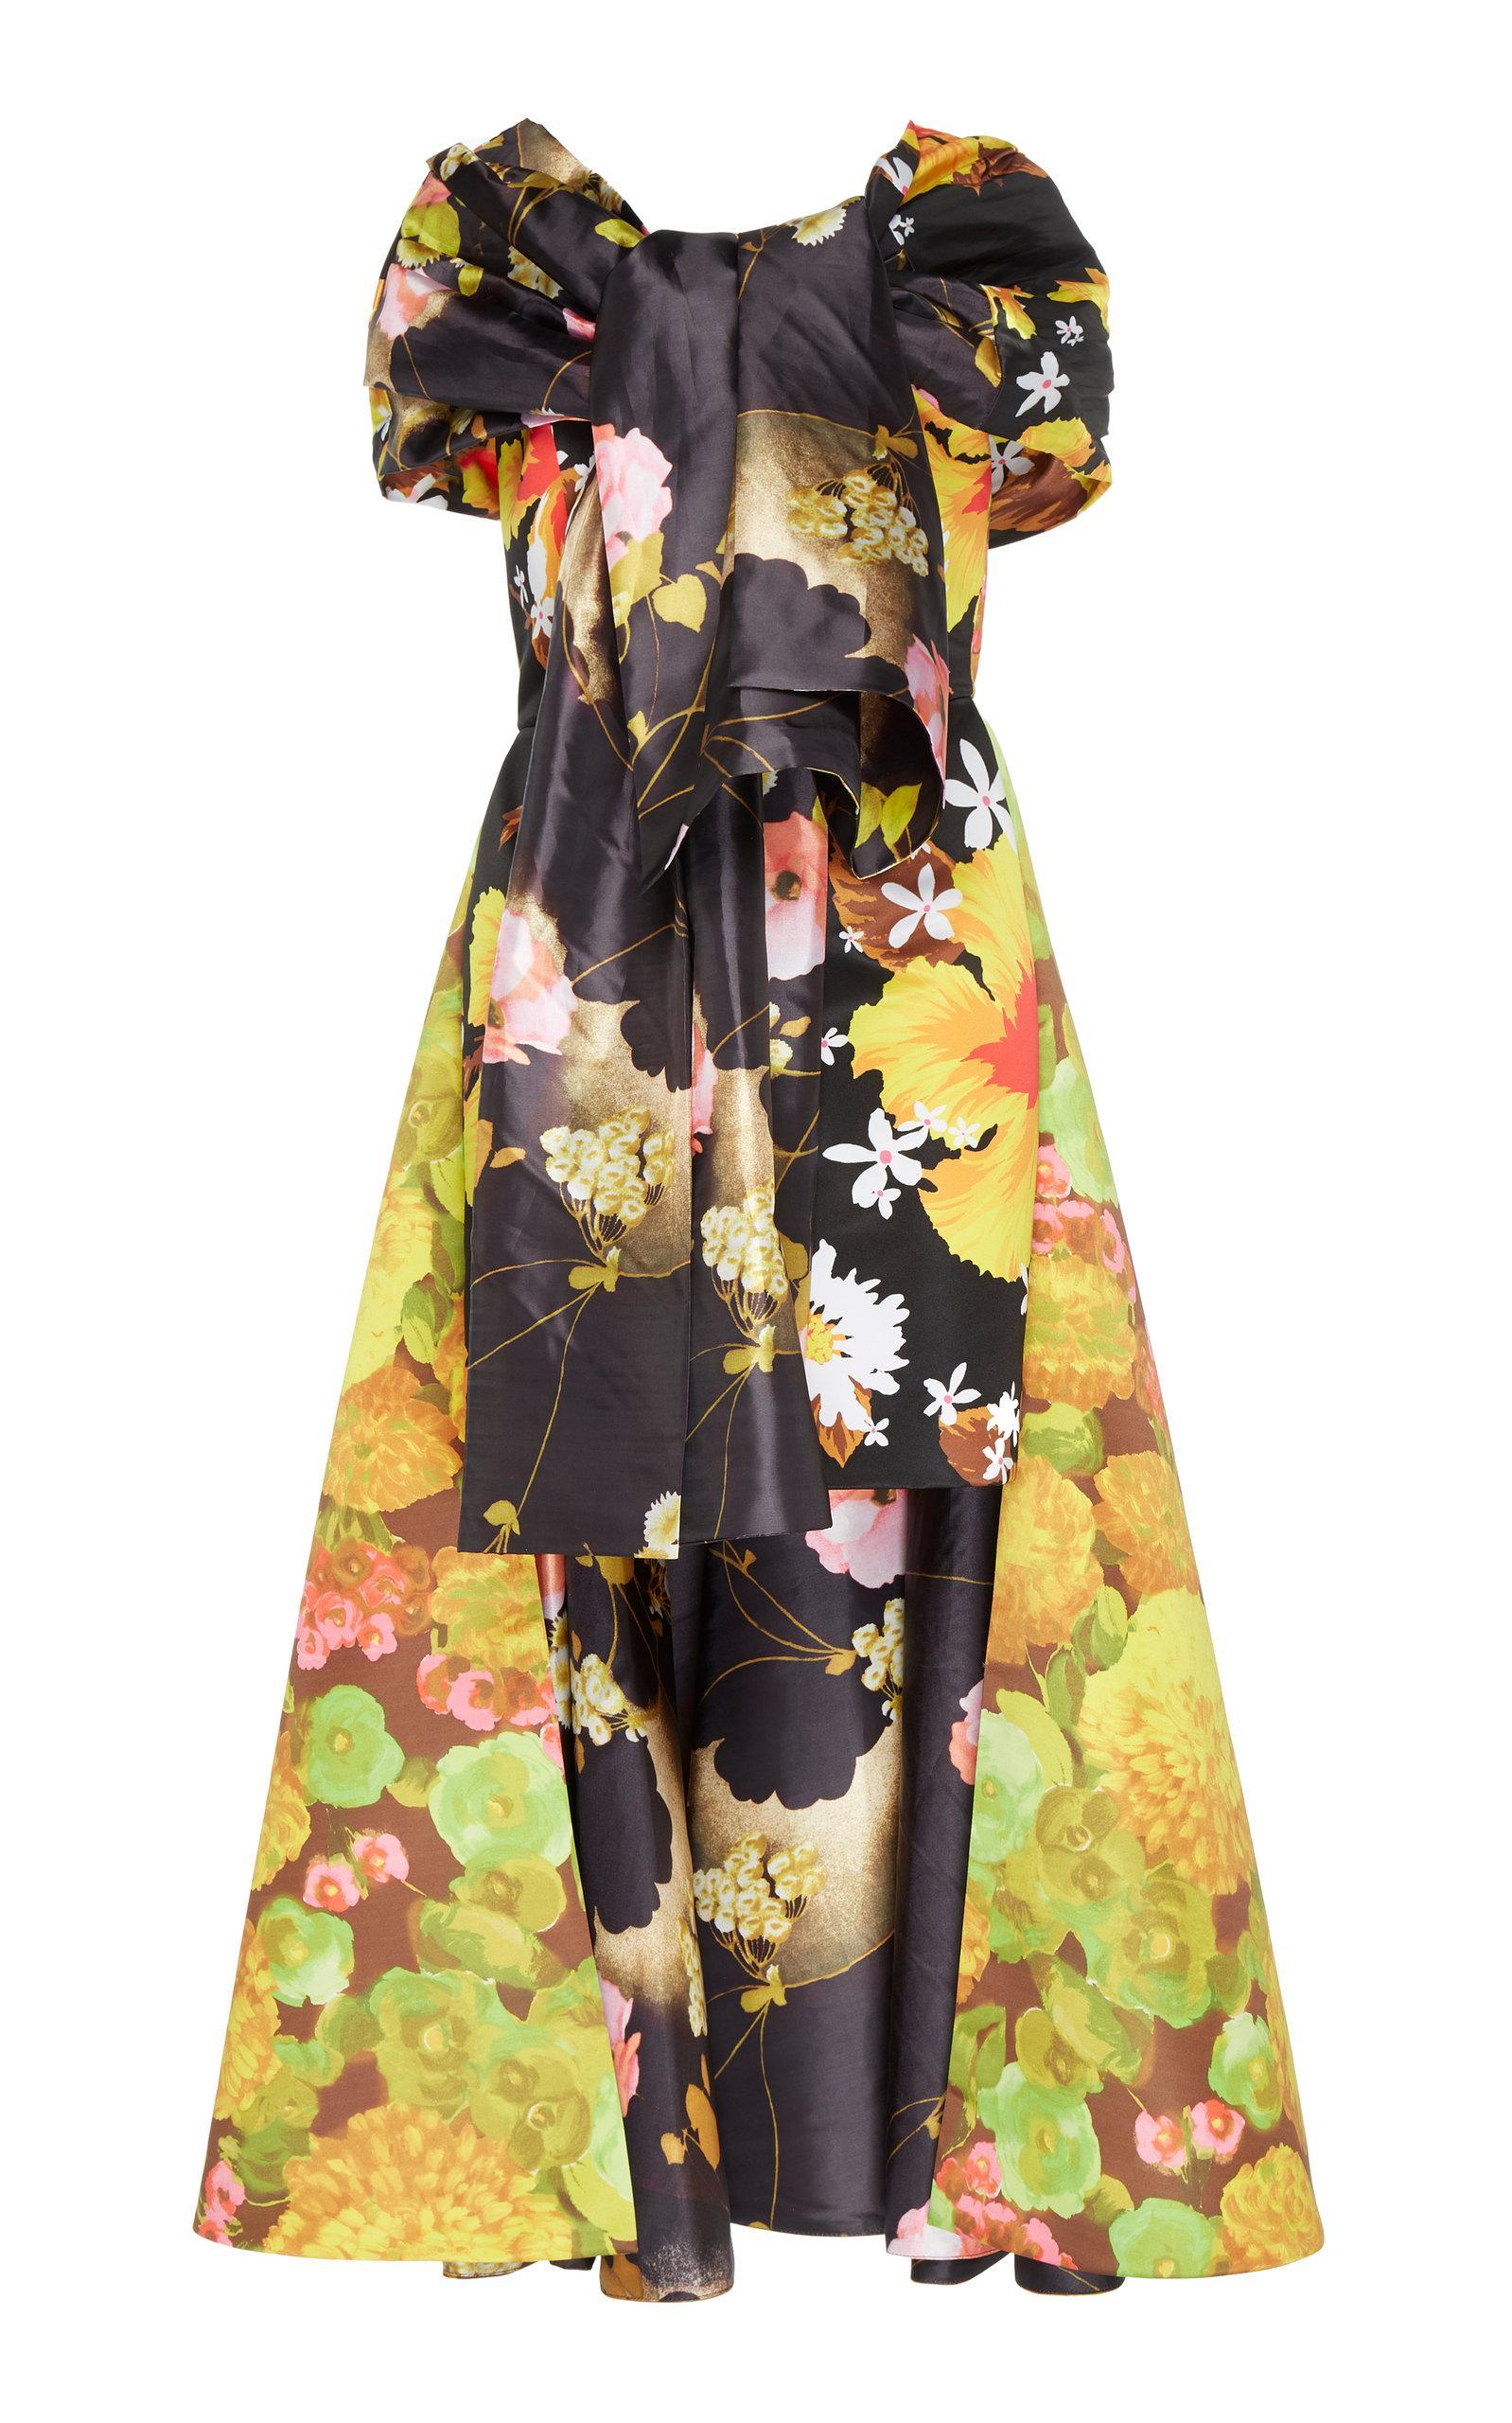 Richard Quinn Floral Bow Dress